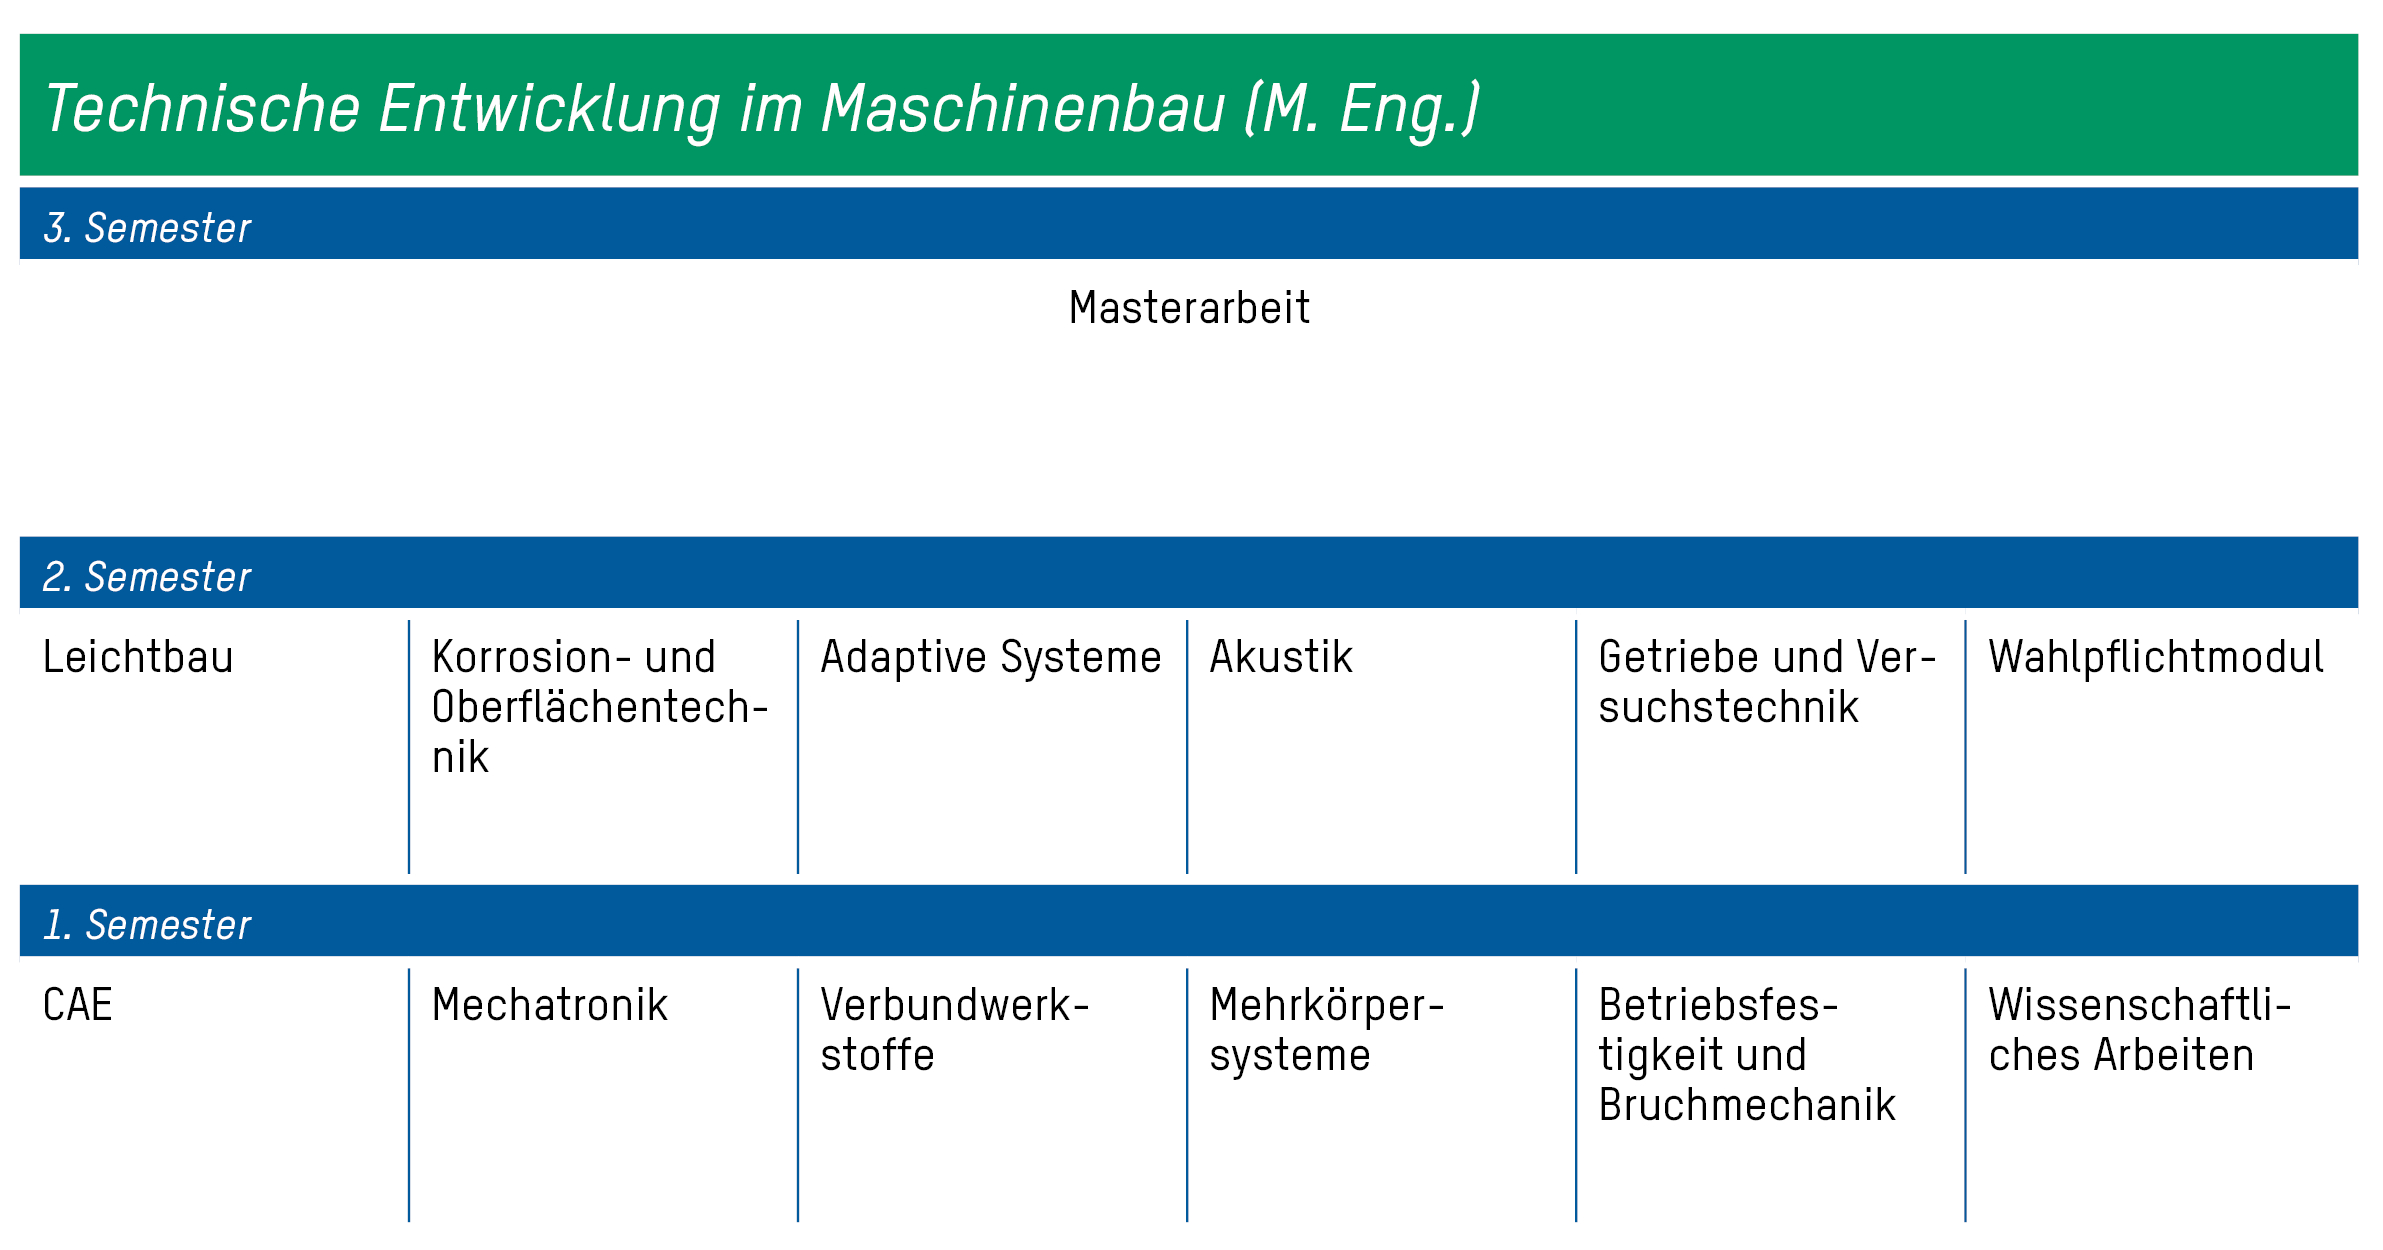 Technische Entwicklung Im Maschinenbau (M. Eng.) verwandt mit Duales Studium Maschinenbau Firmen